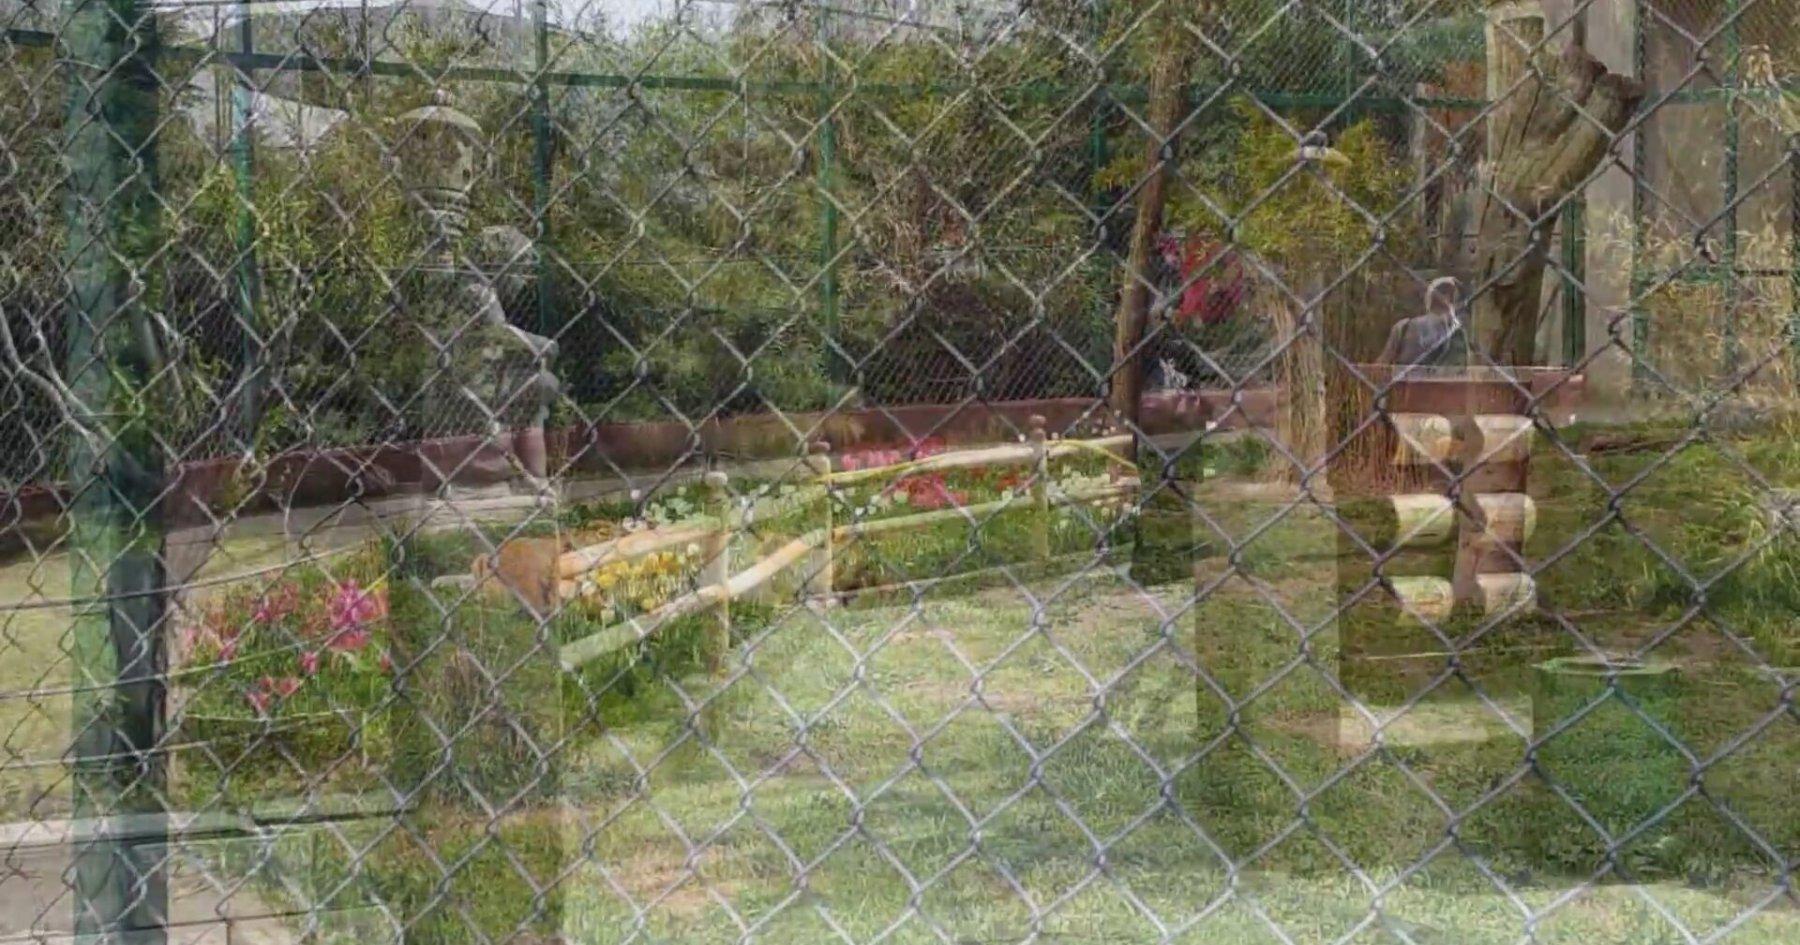 Darıca Hayvanat Bahçesi / Faruk Yalçın Zoo Darıca ...